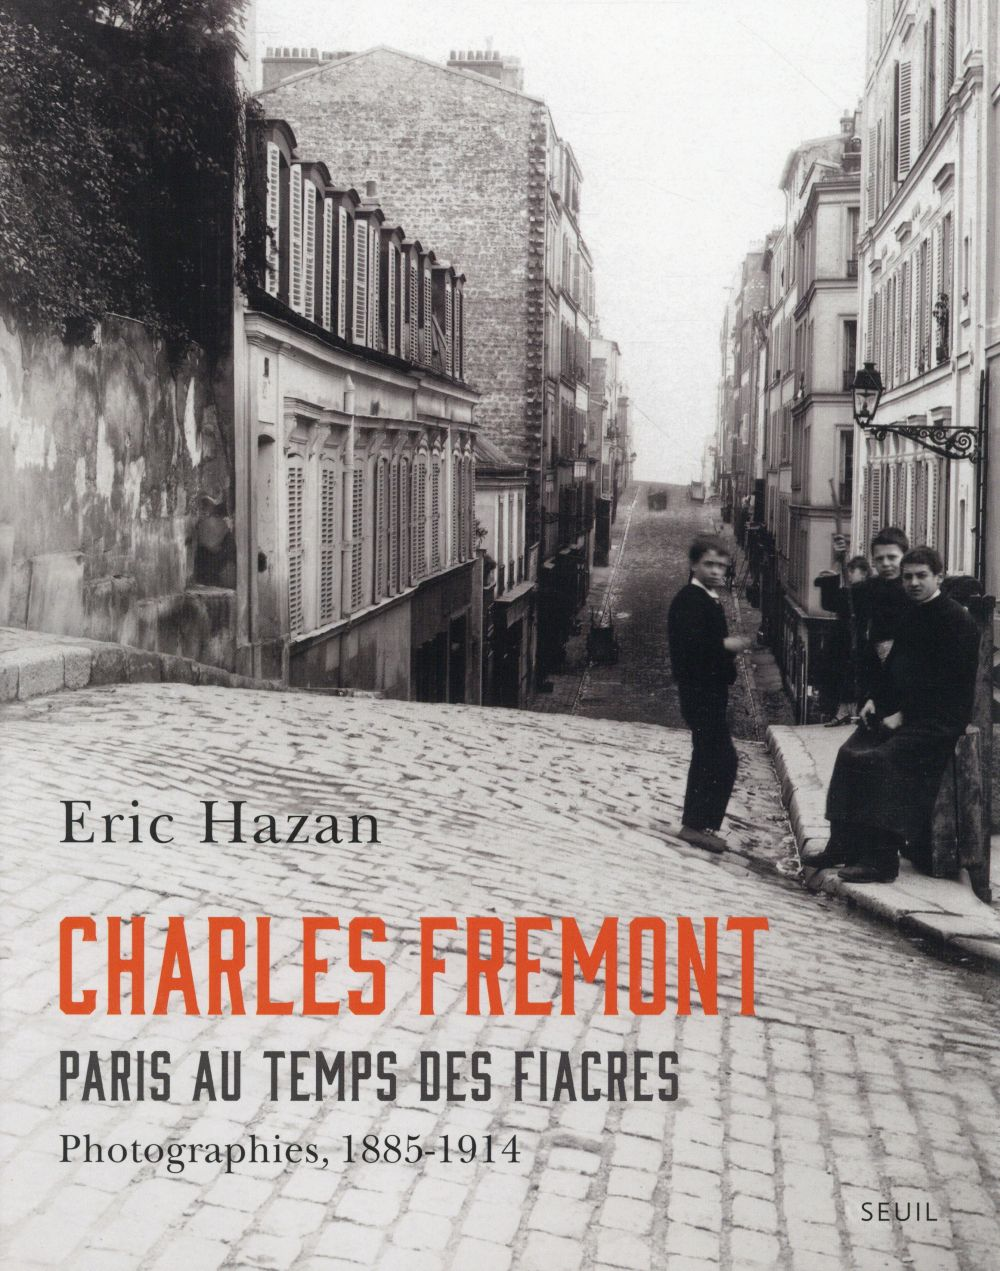 Charles Frémont ; Paris au temps des fiacres, photographies 1885-1914